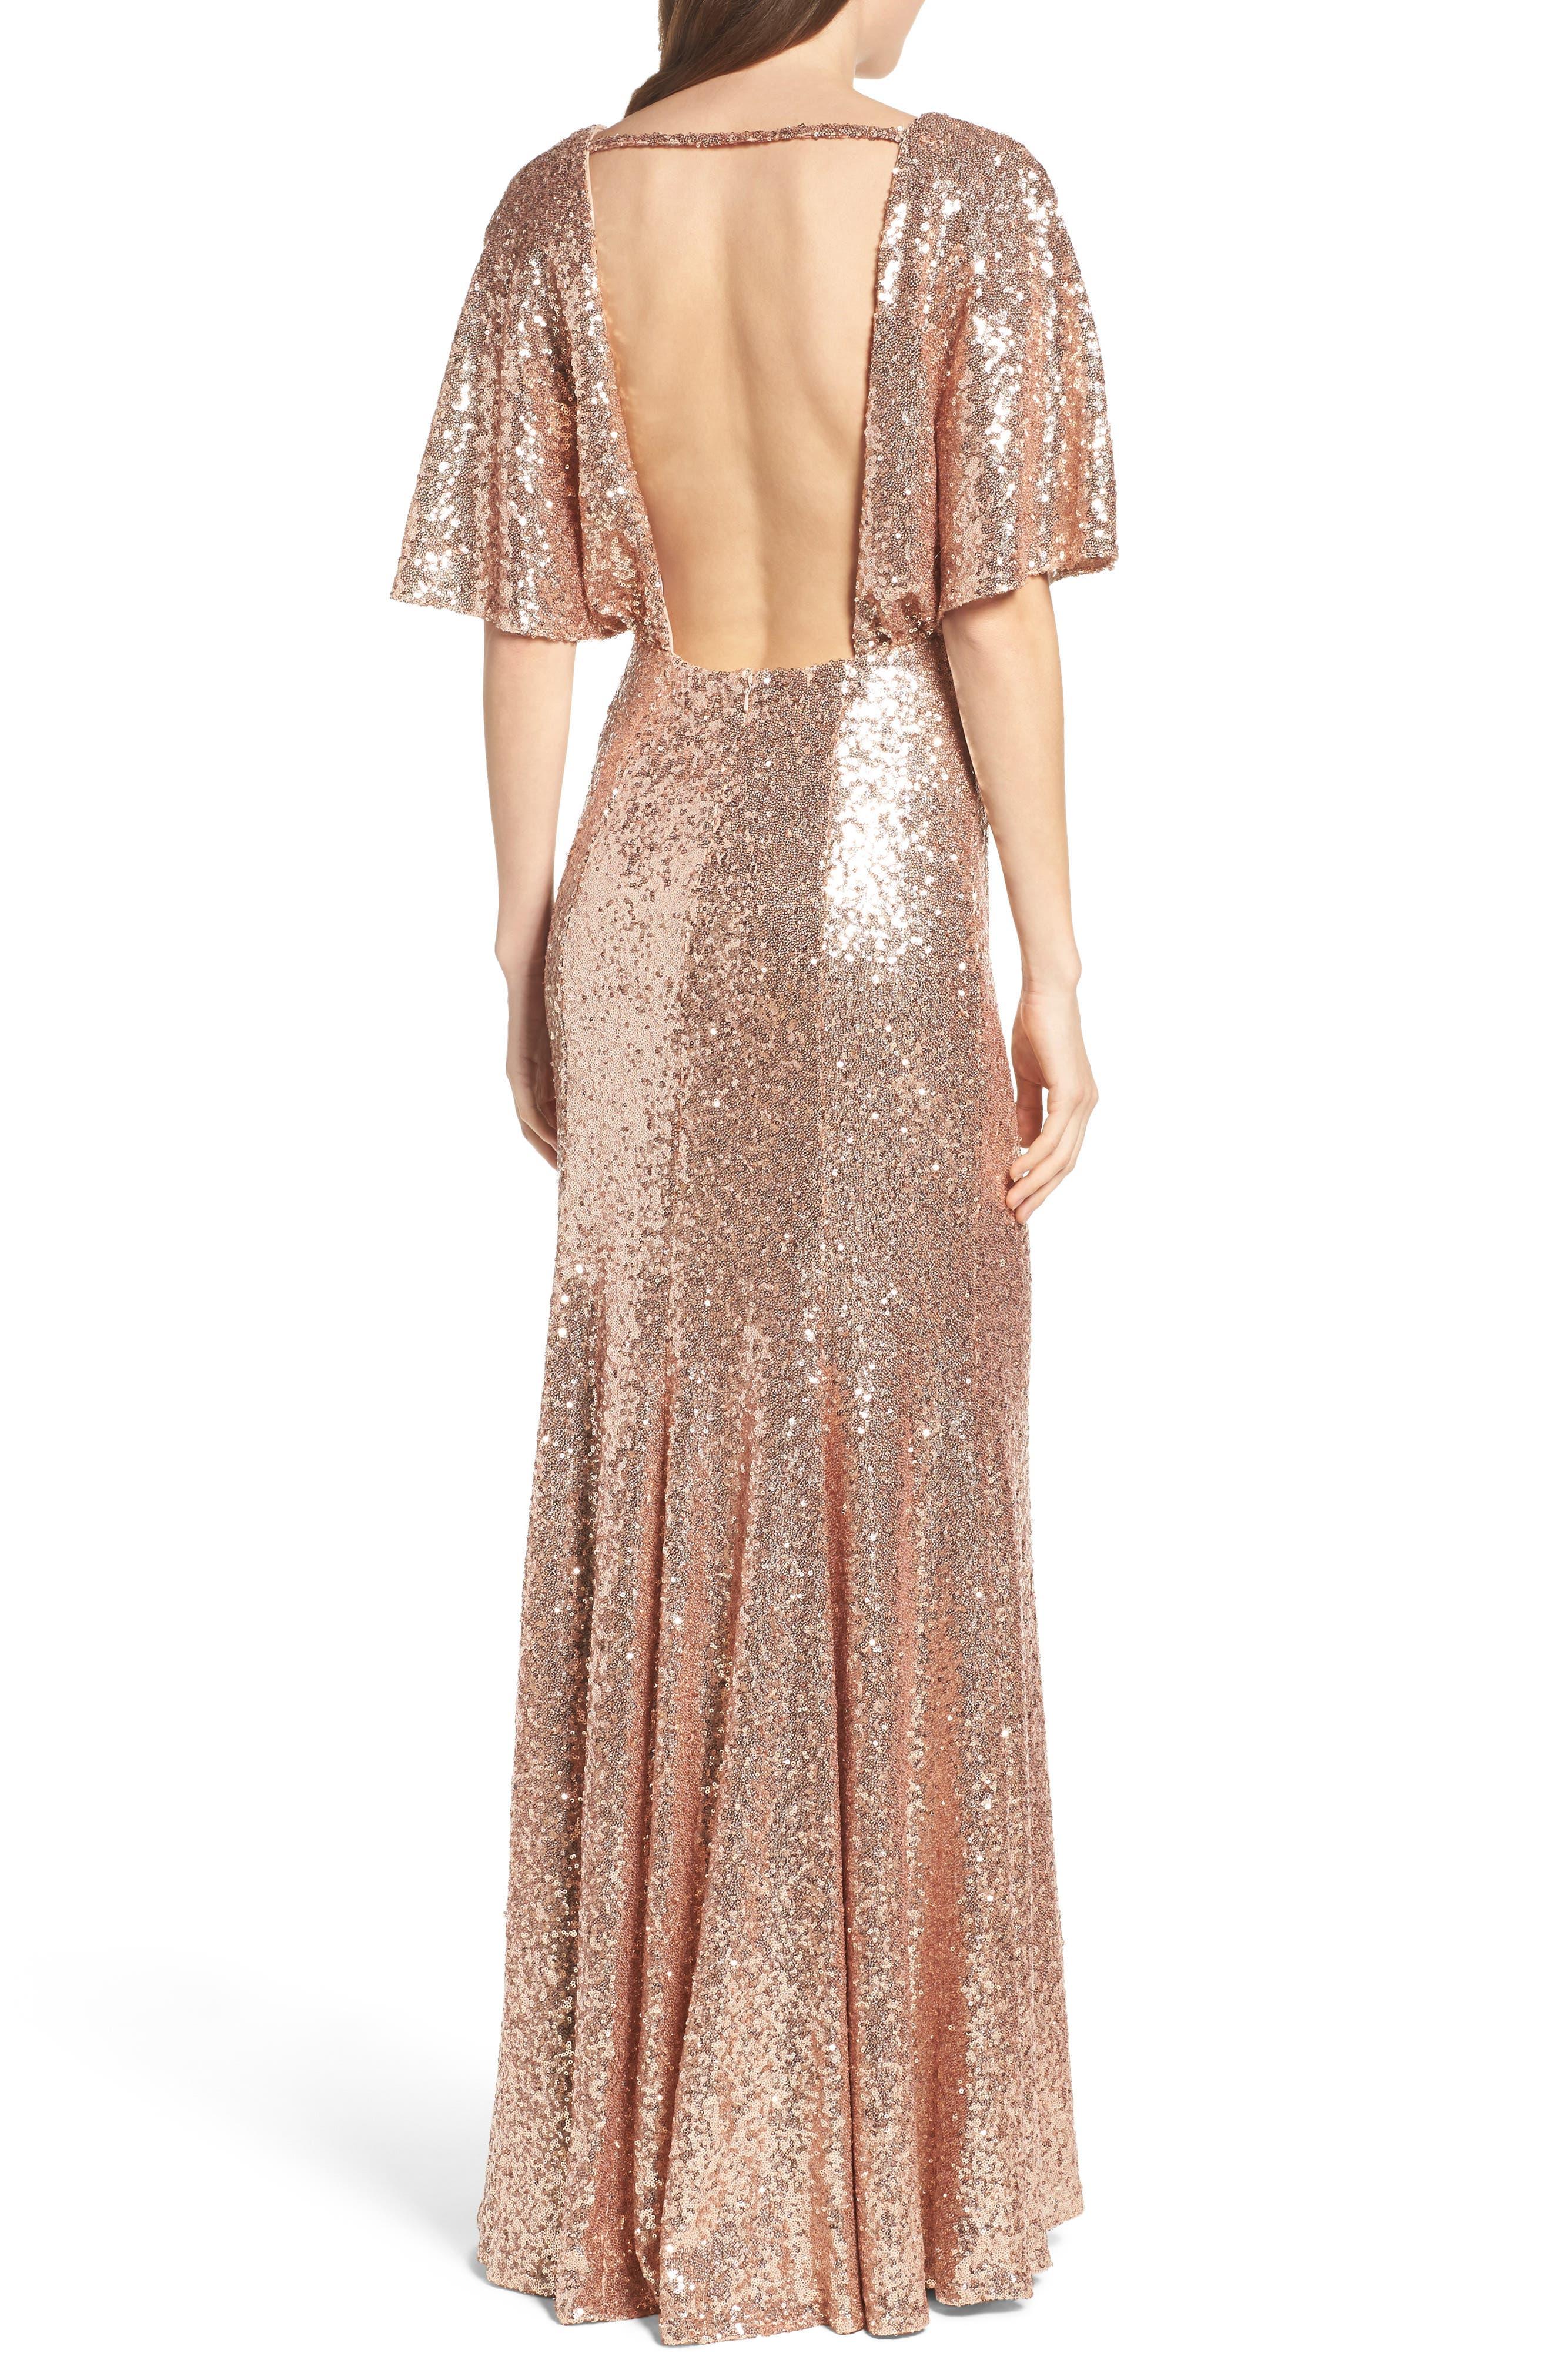 Elson Sequin Blouson Gown,                             Alternate thumbnail 2, color,                             650